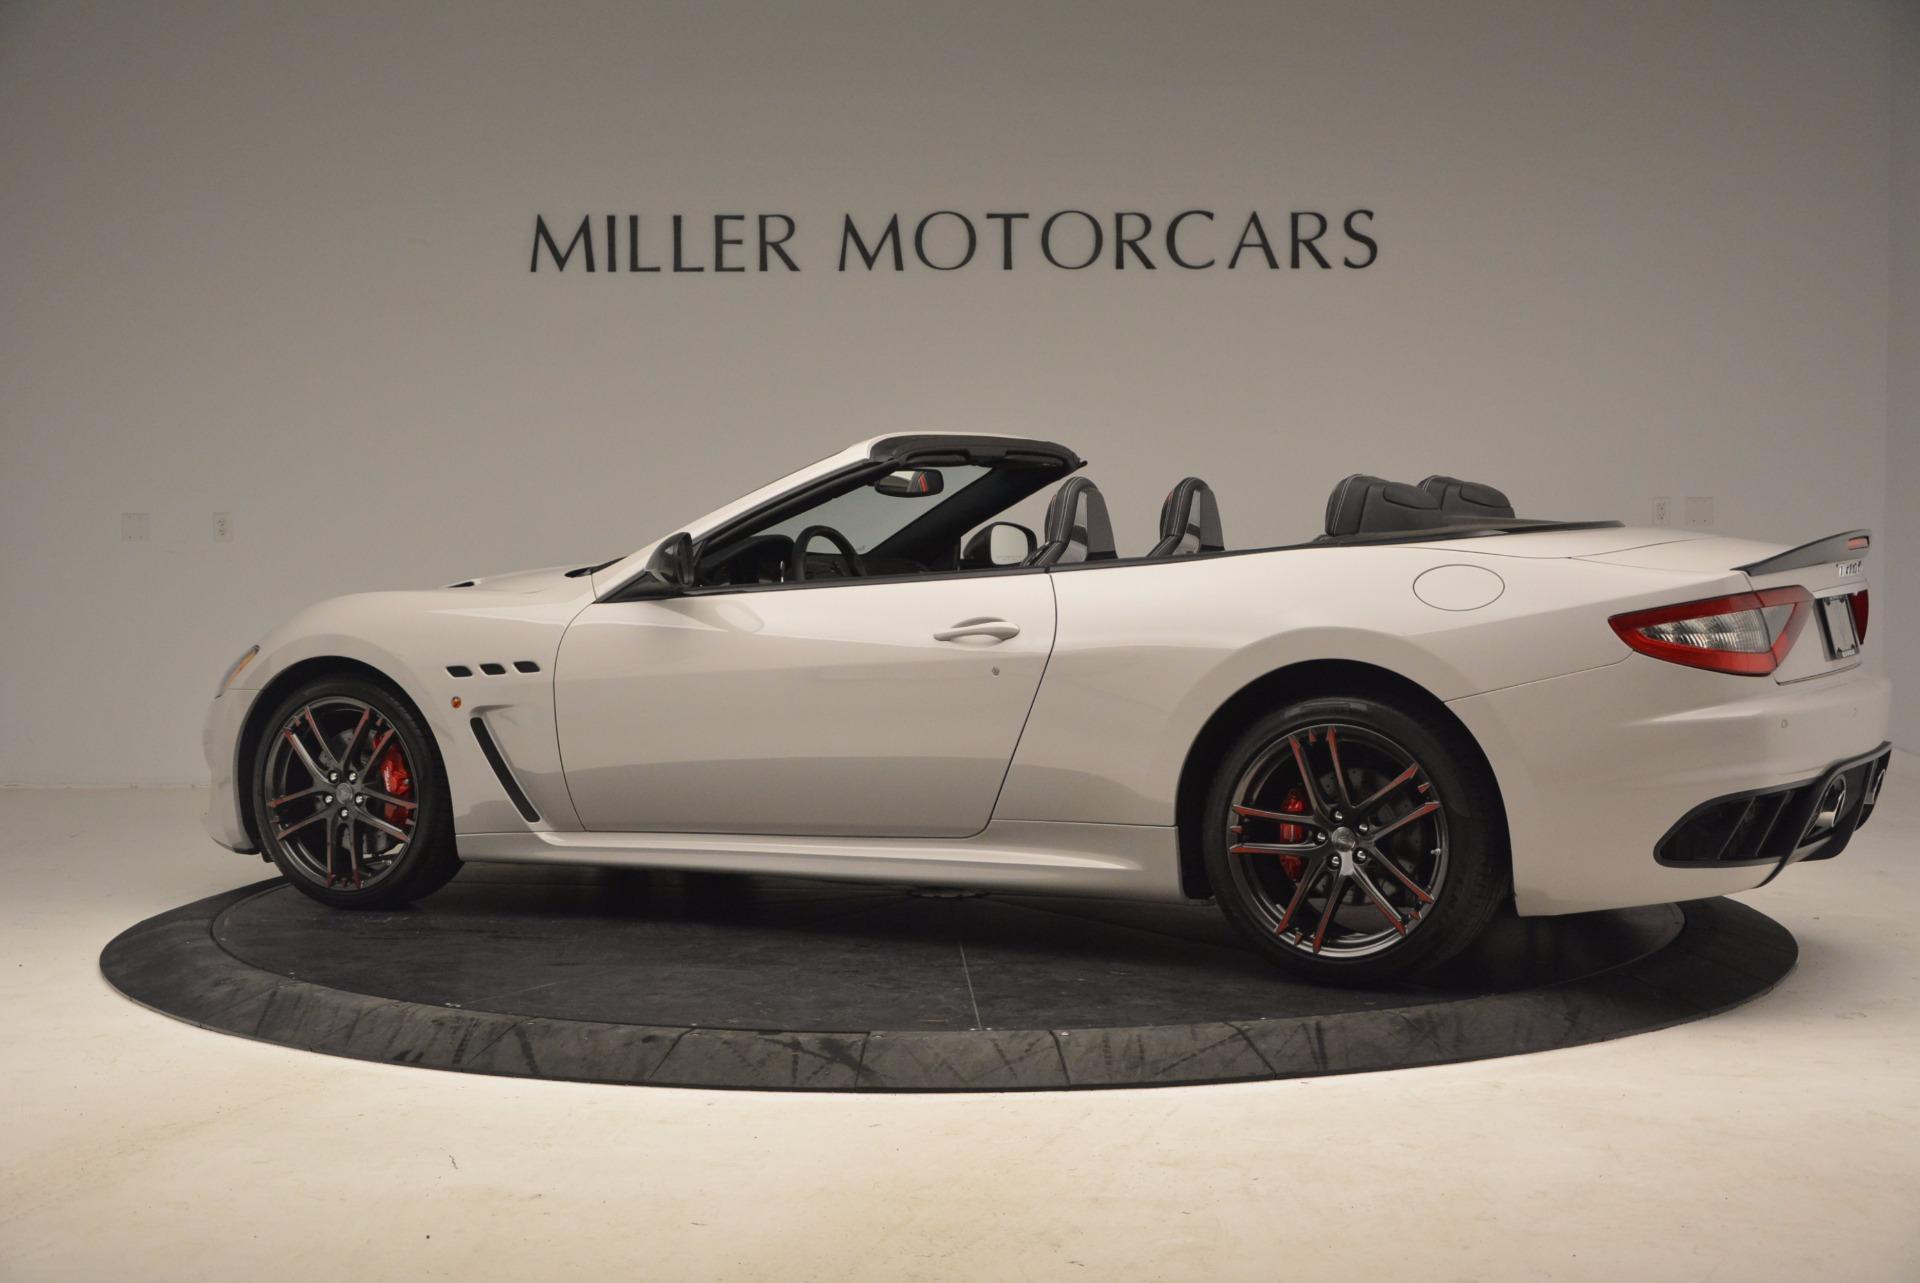 Used 2015 Maserati GranTurismo MC Centennial For Sale In Greenwich, CT. Alfa Romeo of Greenwich, 7187 1107_p4